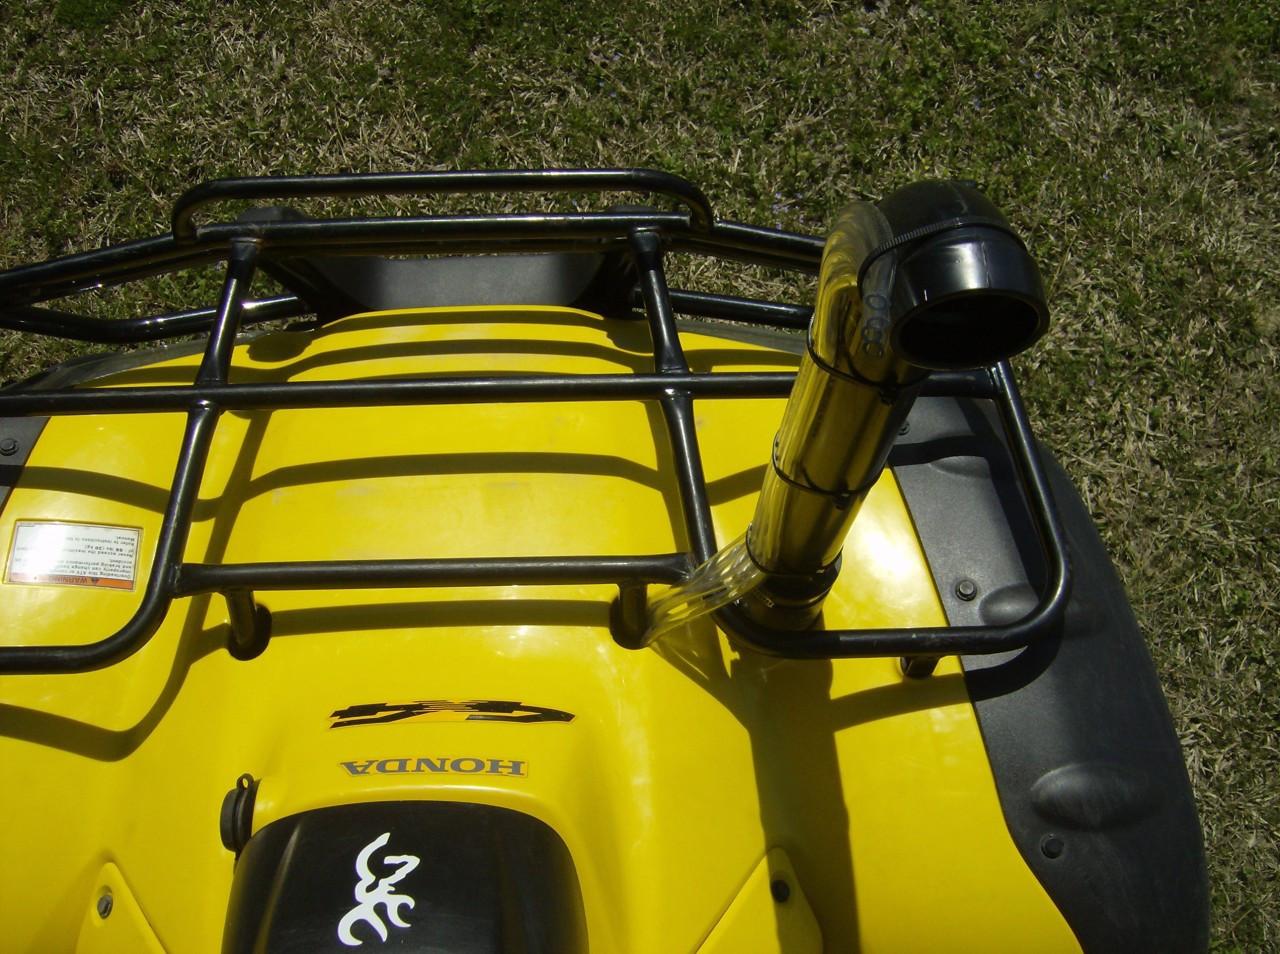 Honda Rancher 400AT Extreme Snorkels Kit